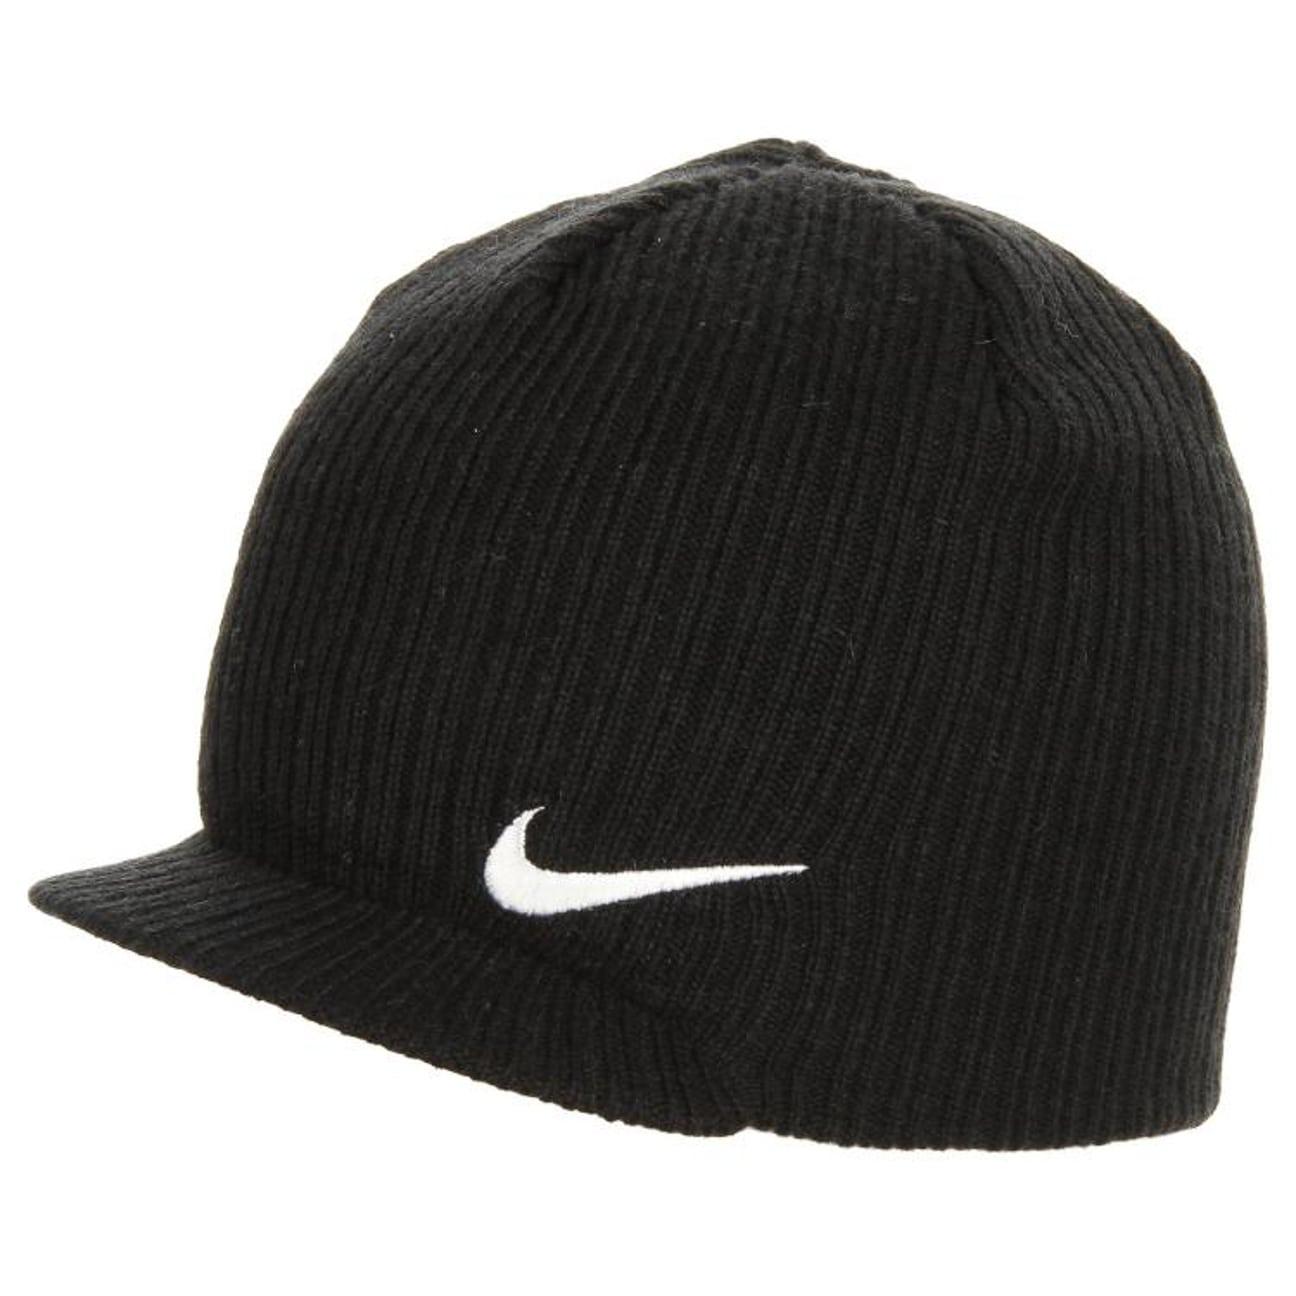 479e5213243 ... blue 1 · QT Swoosh Peaked Beanie by Nike - black 1